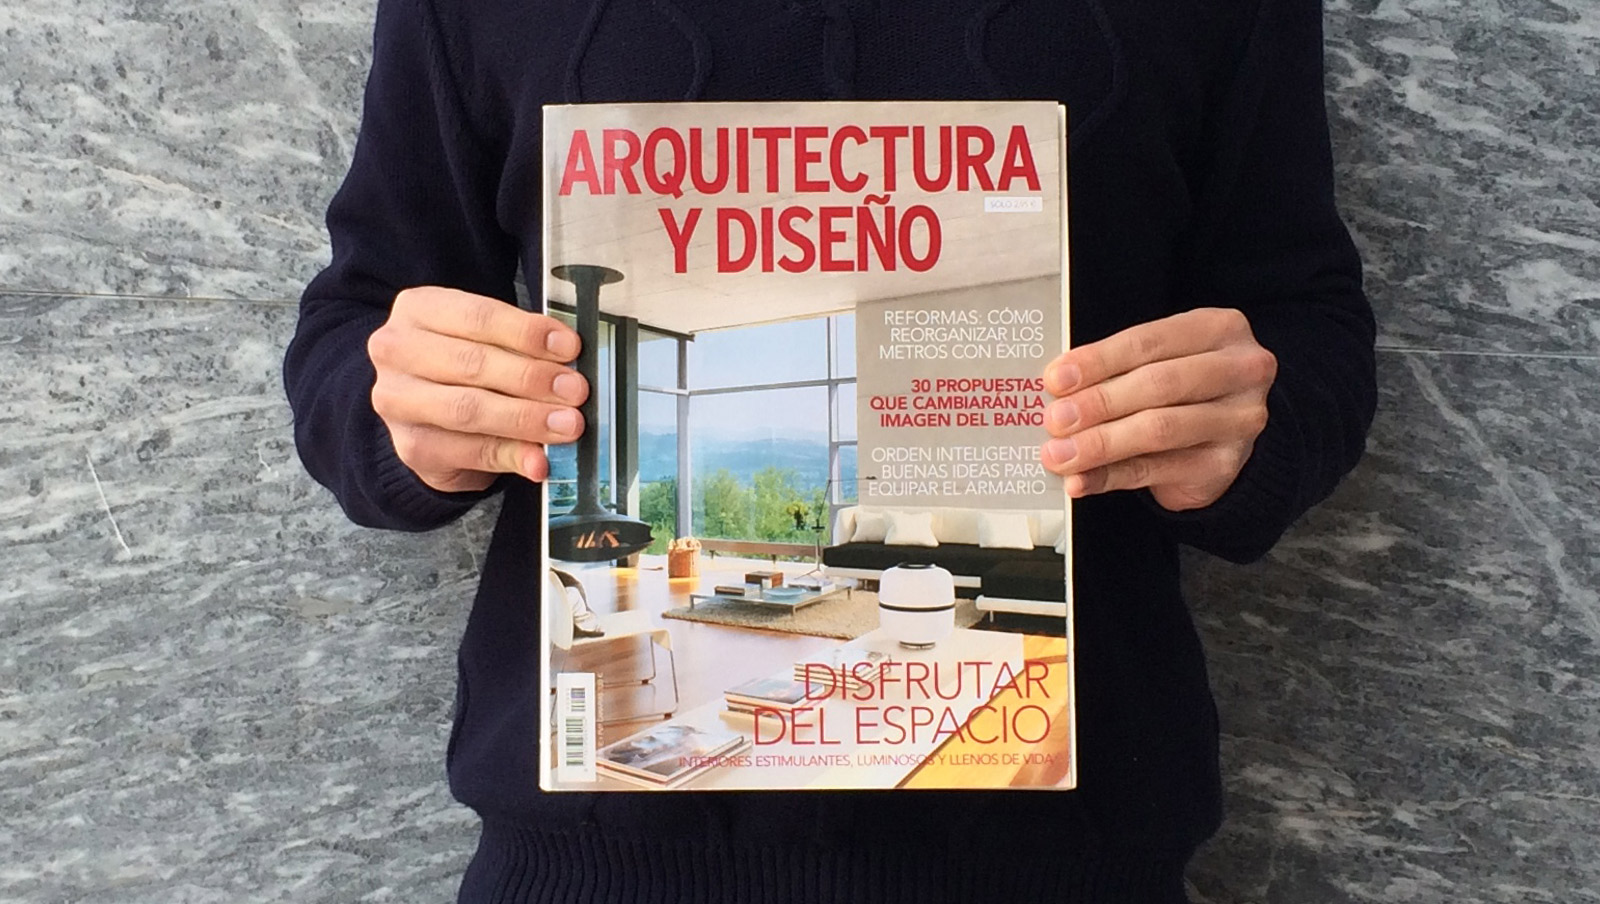 Casa acl em destaque na revista arquitectura y dise o for Revista arquitectura y diseno